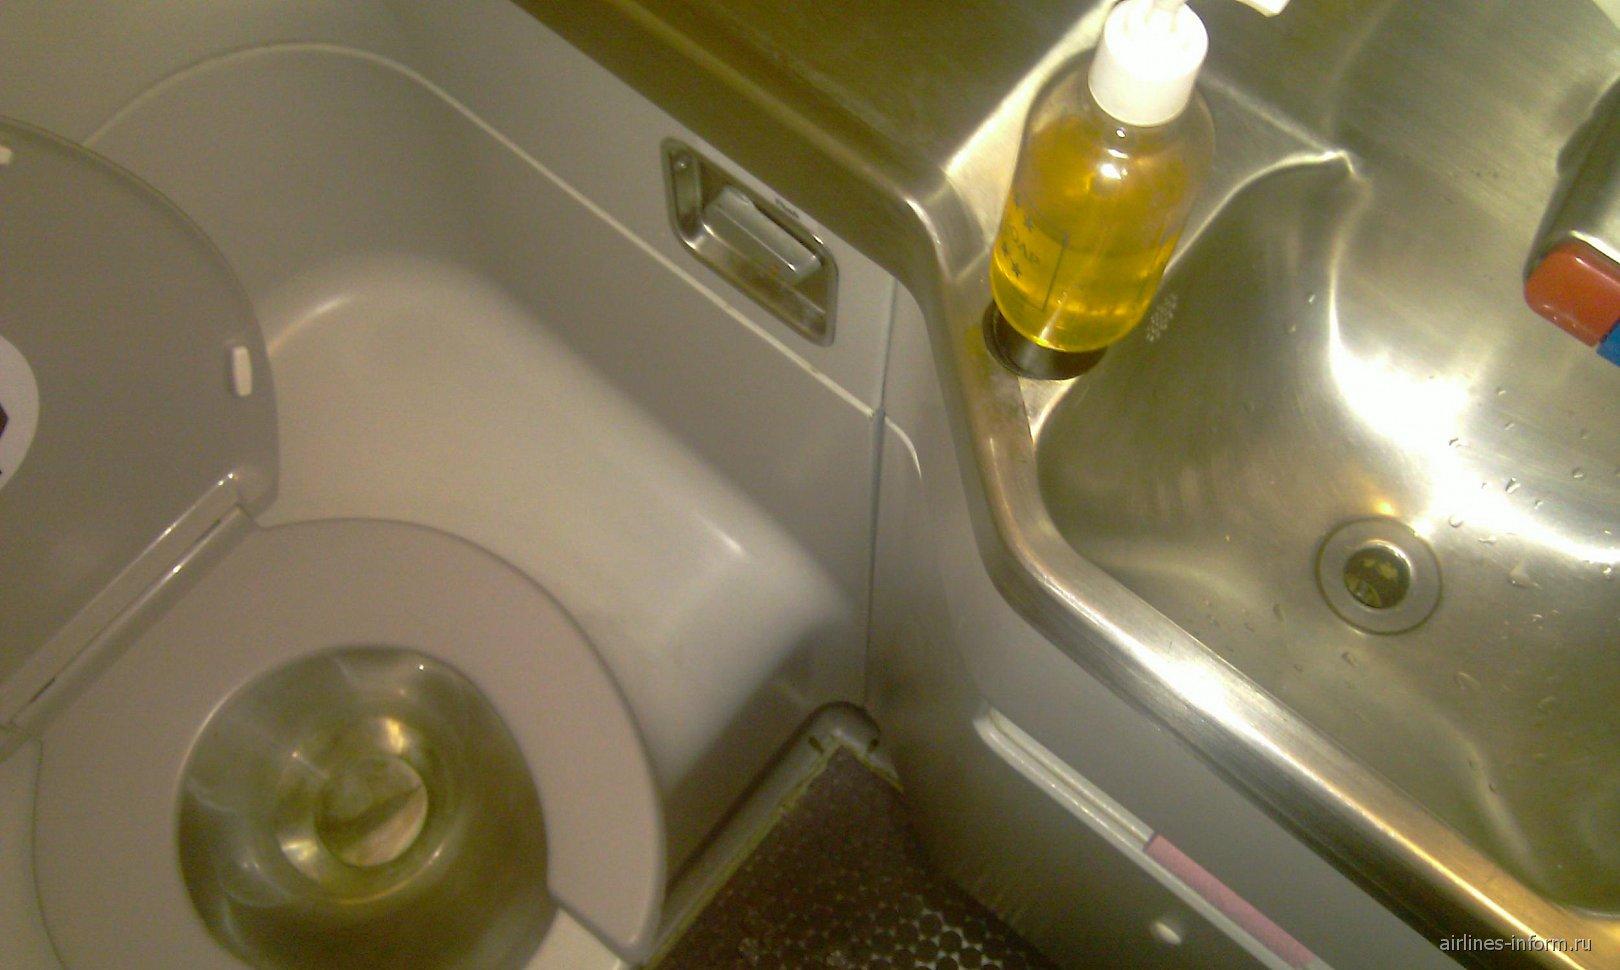 Туалет самолета Боинг-737-500 авиакомпании ЮТэйр